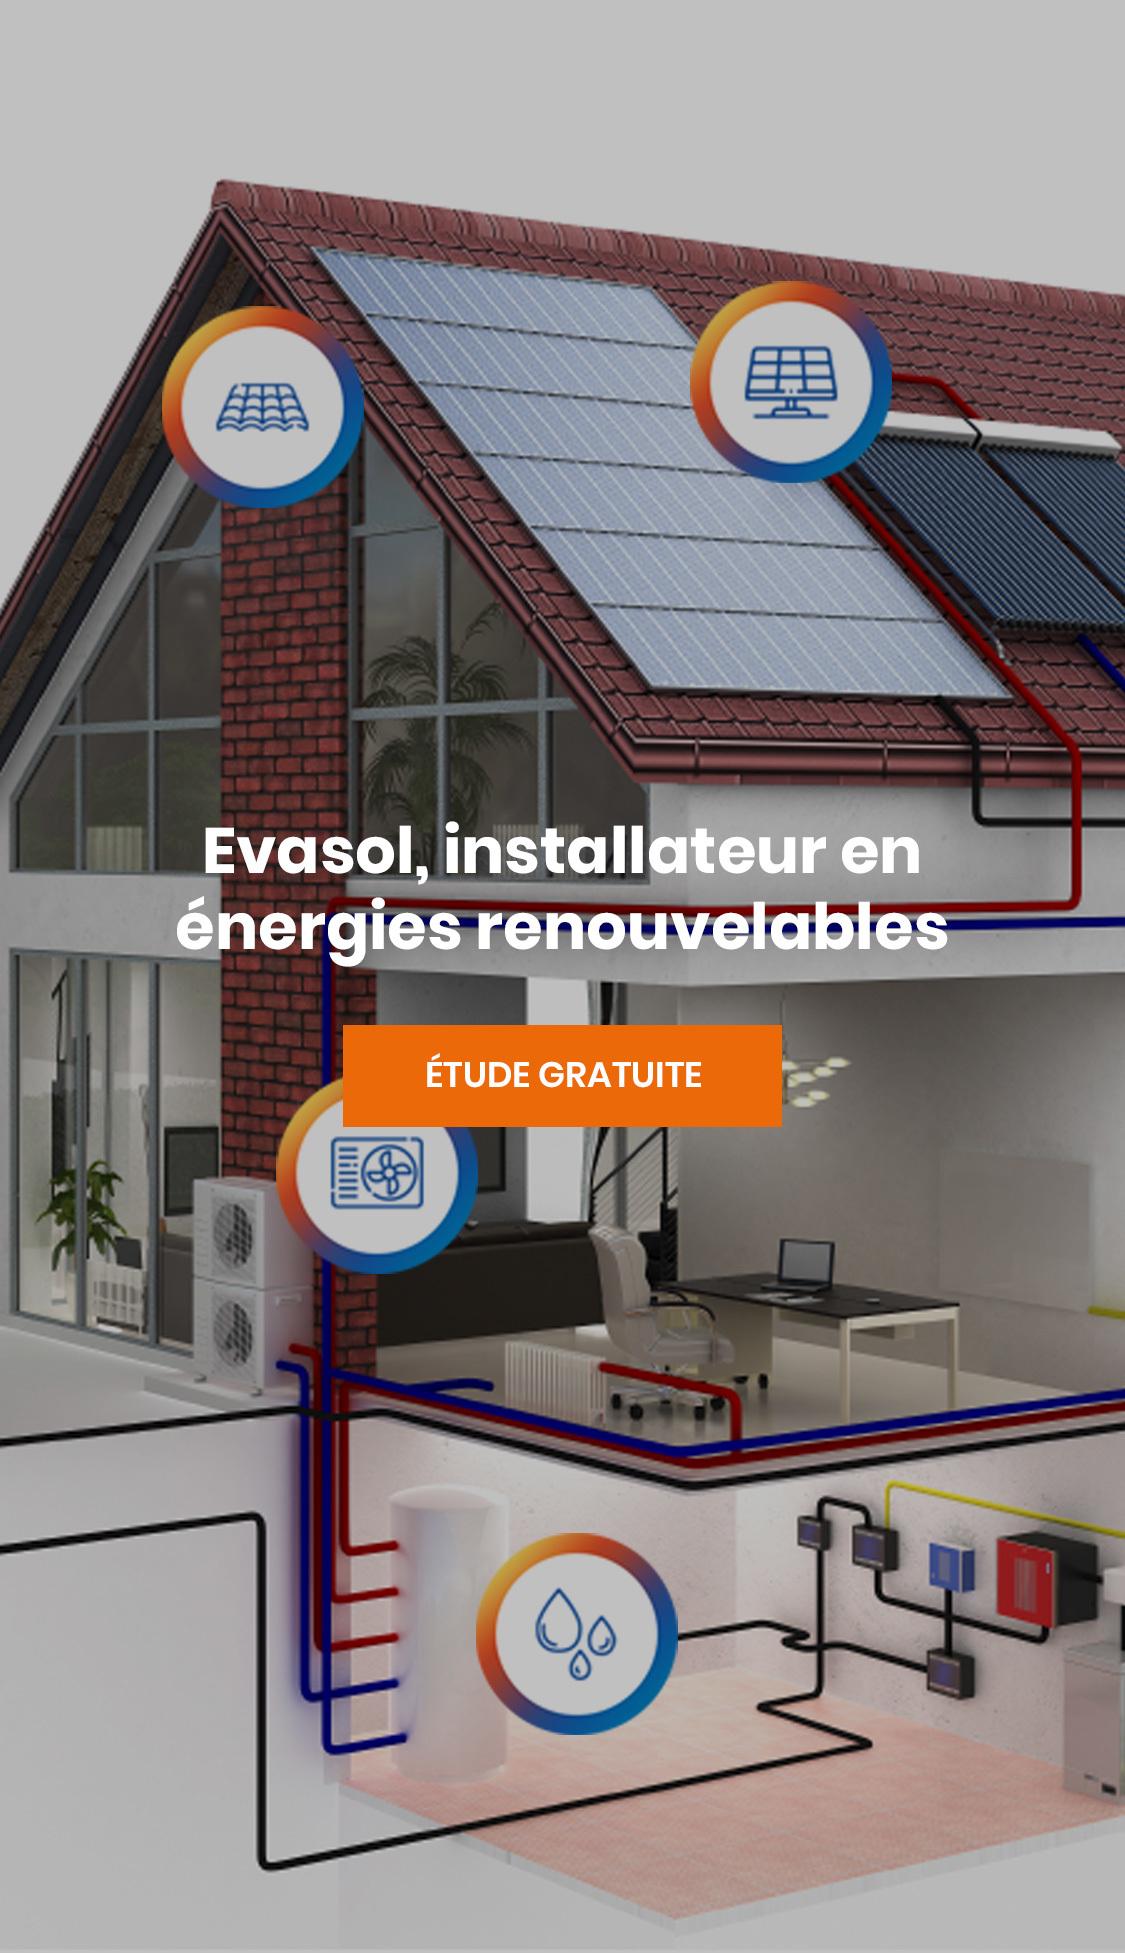 evasol_slider_mobile_maison